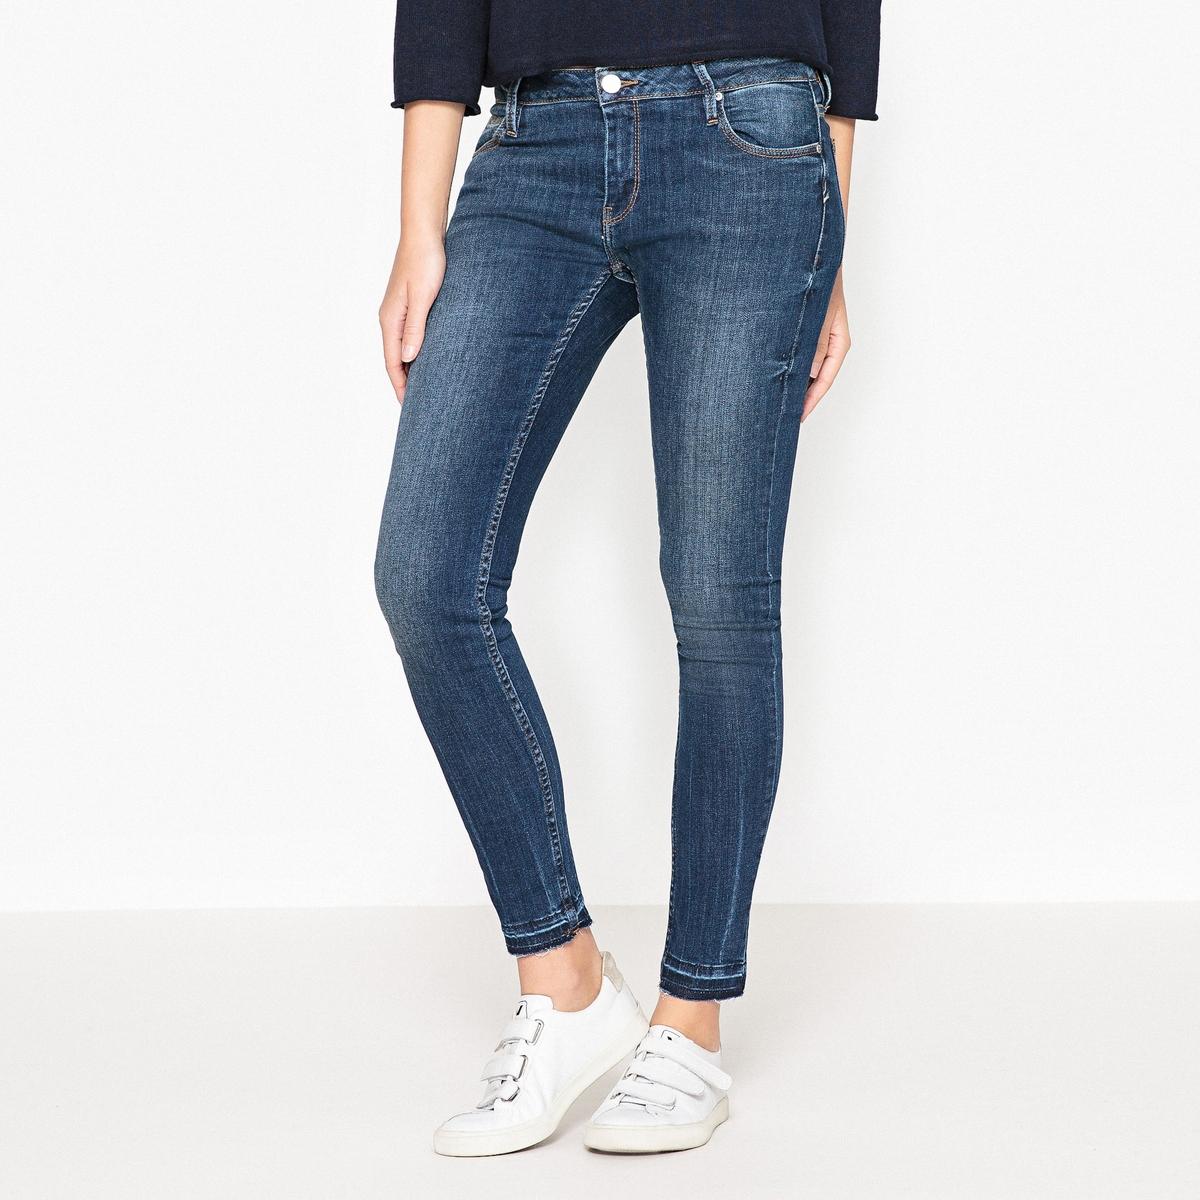 Джинсы-скинни с бахромой LILY DENIM джинсы скинни 73 см